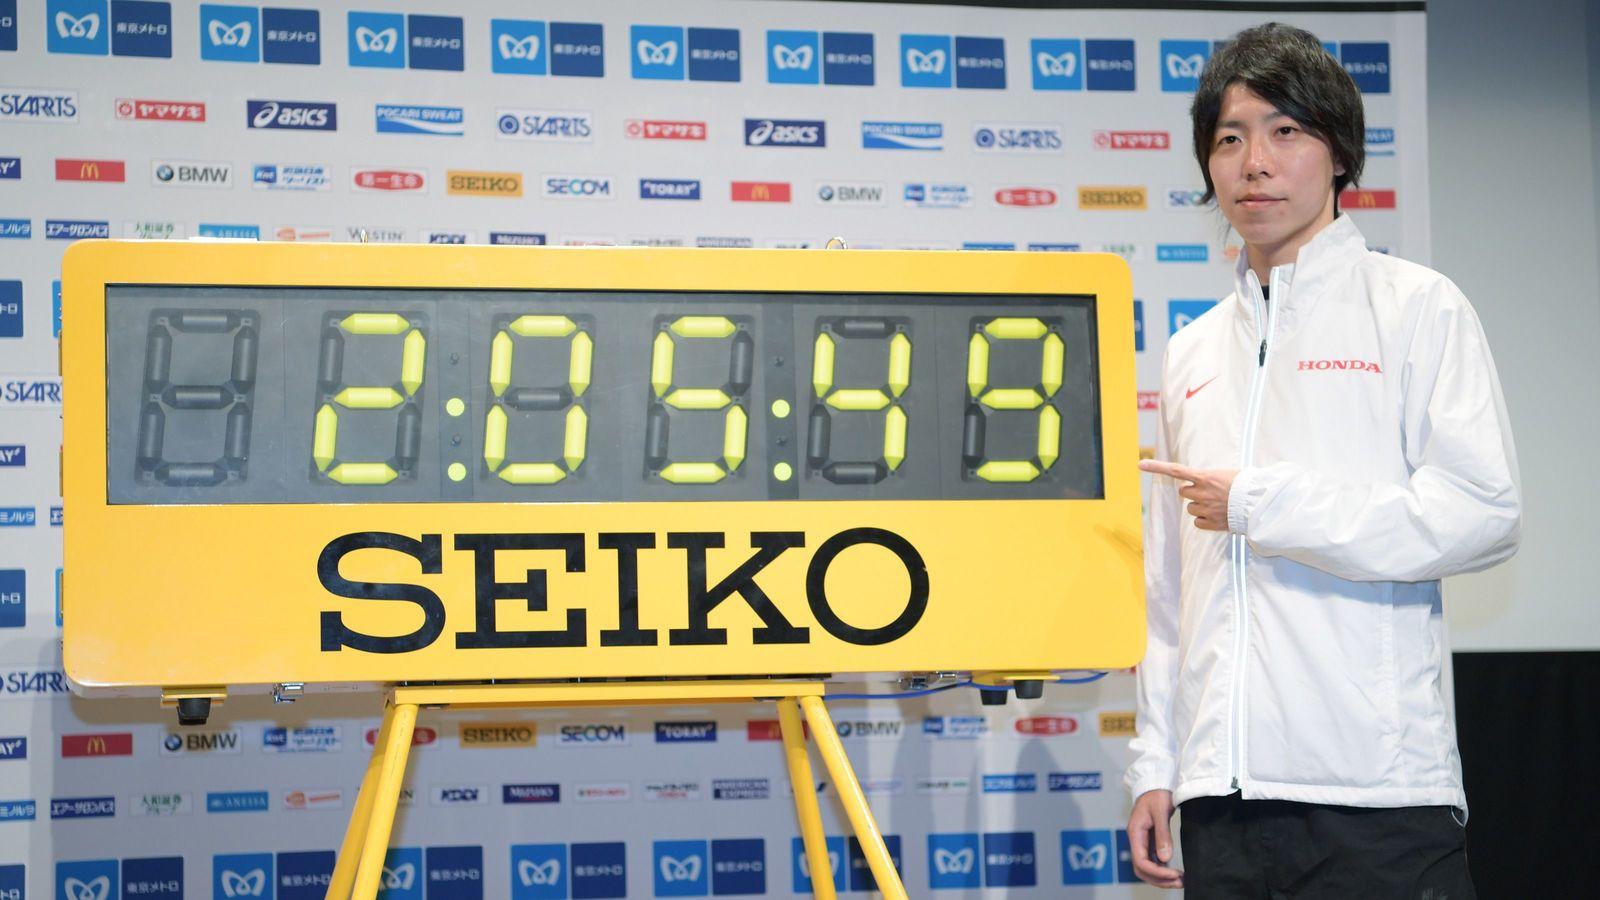 応援自粛の東京マラソン「ナイキ超厚底で日本記録」と豪語する男の狙い 設楽悠太「2時間5分台なら五輪辞退」